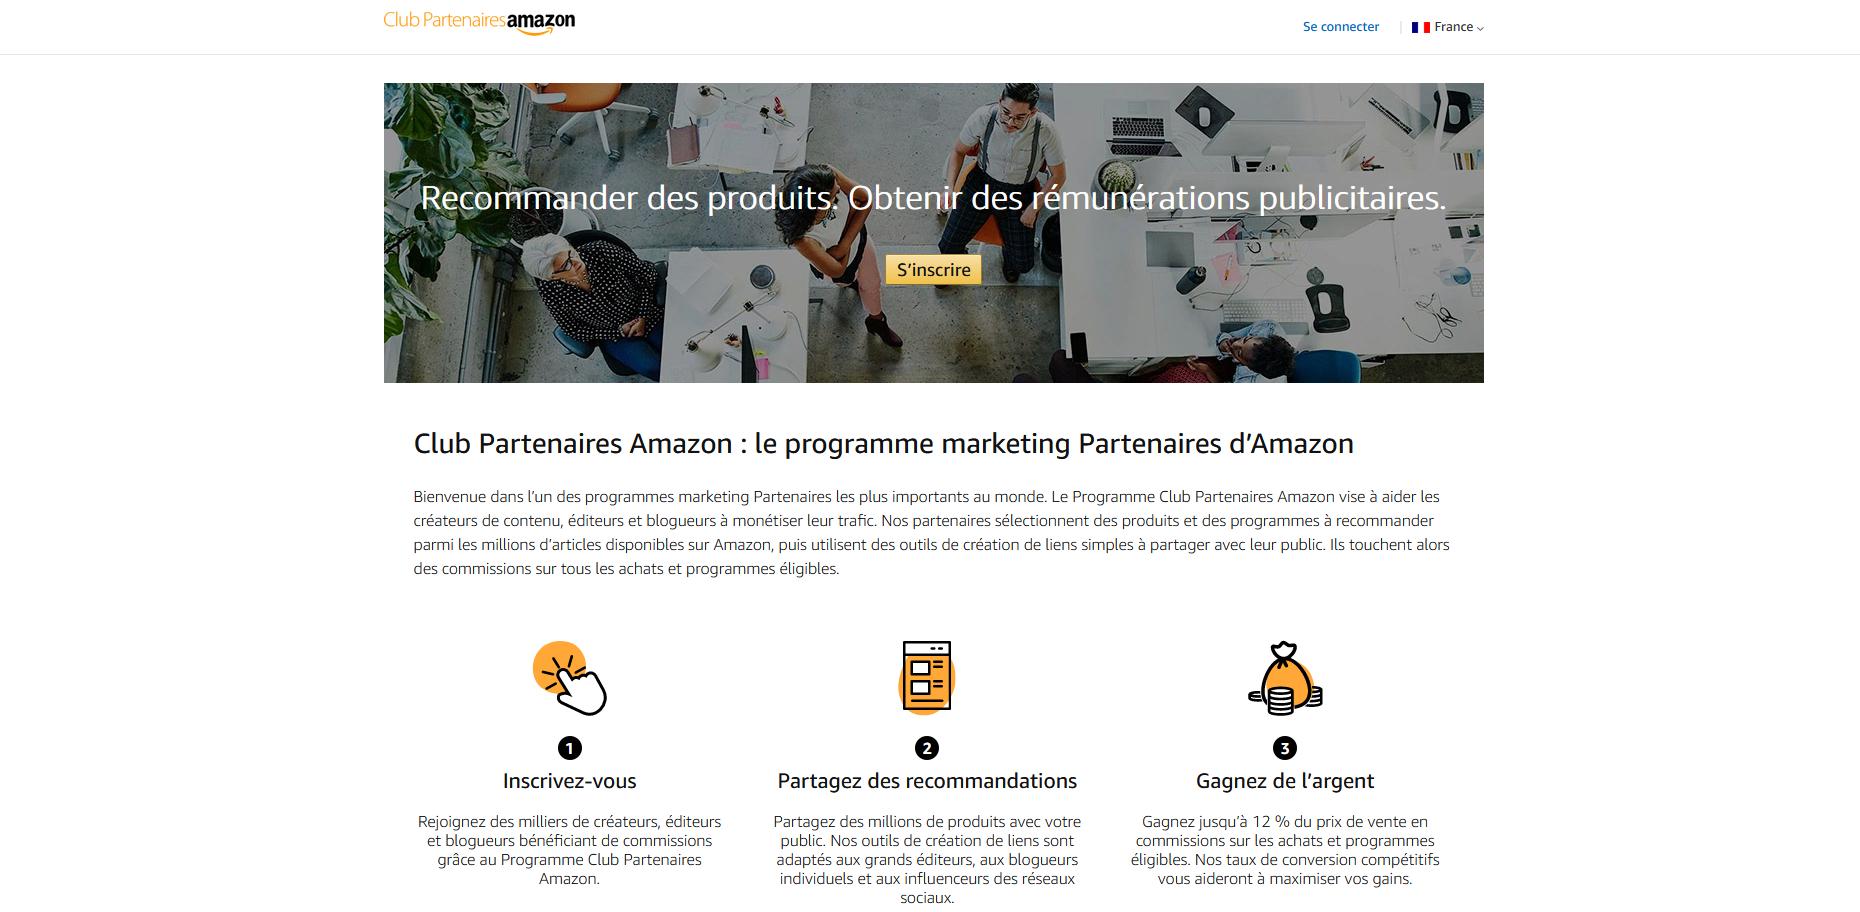 Gagnez de l'argent avec le programme  partenaires d'Amazon